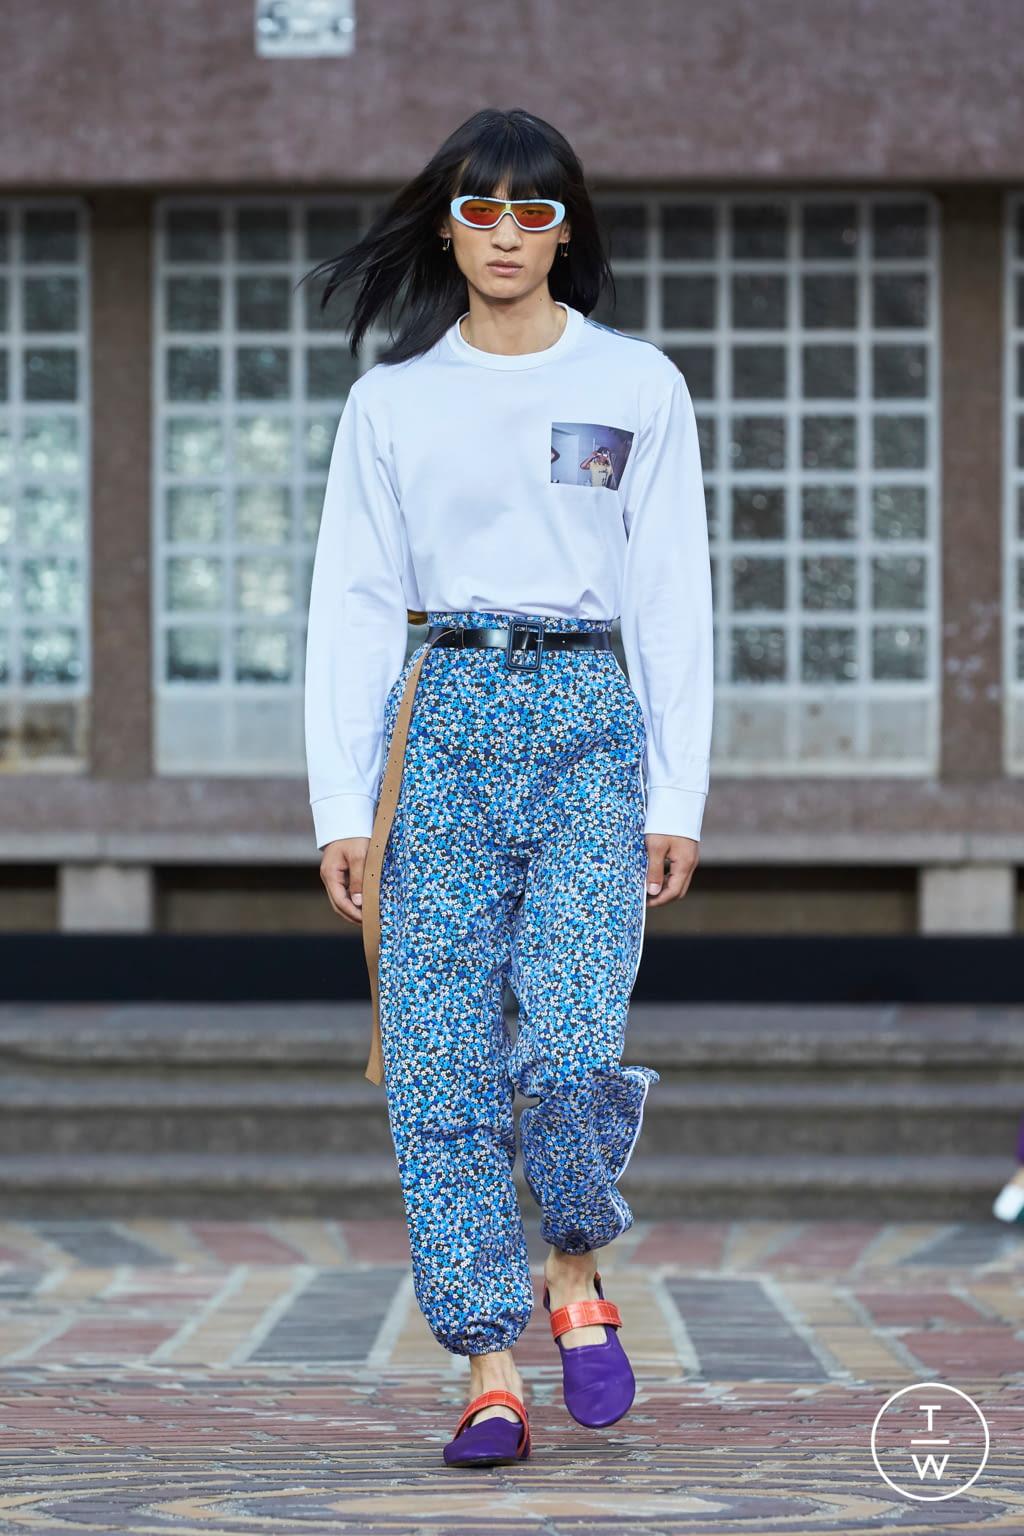 Bébé Garçons Espagnol Style Romani Chambray Strap Short Body Top /& chaussettes Outfit